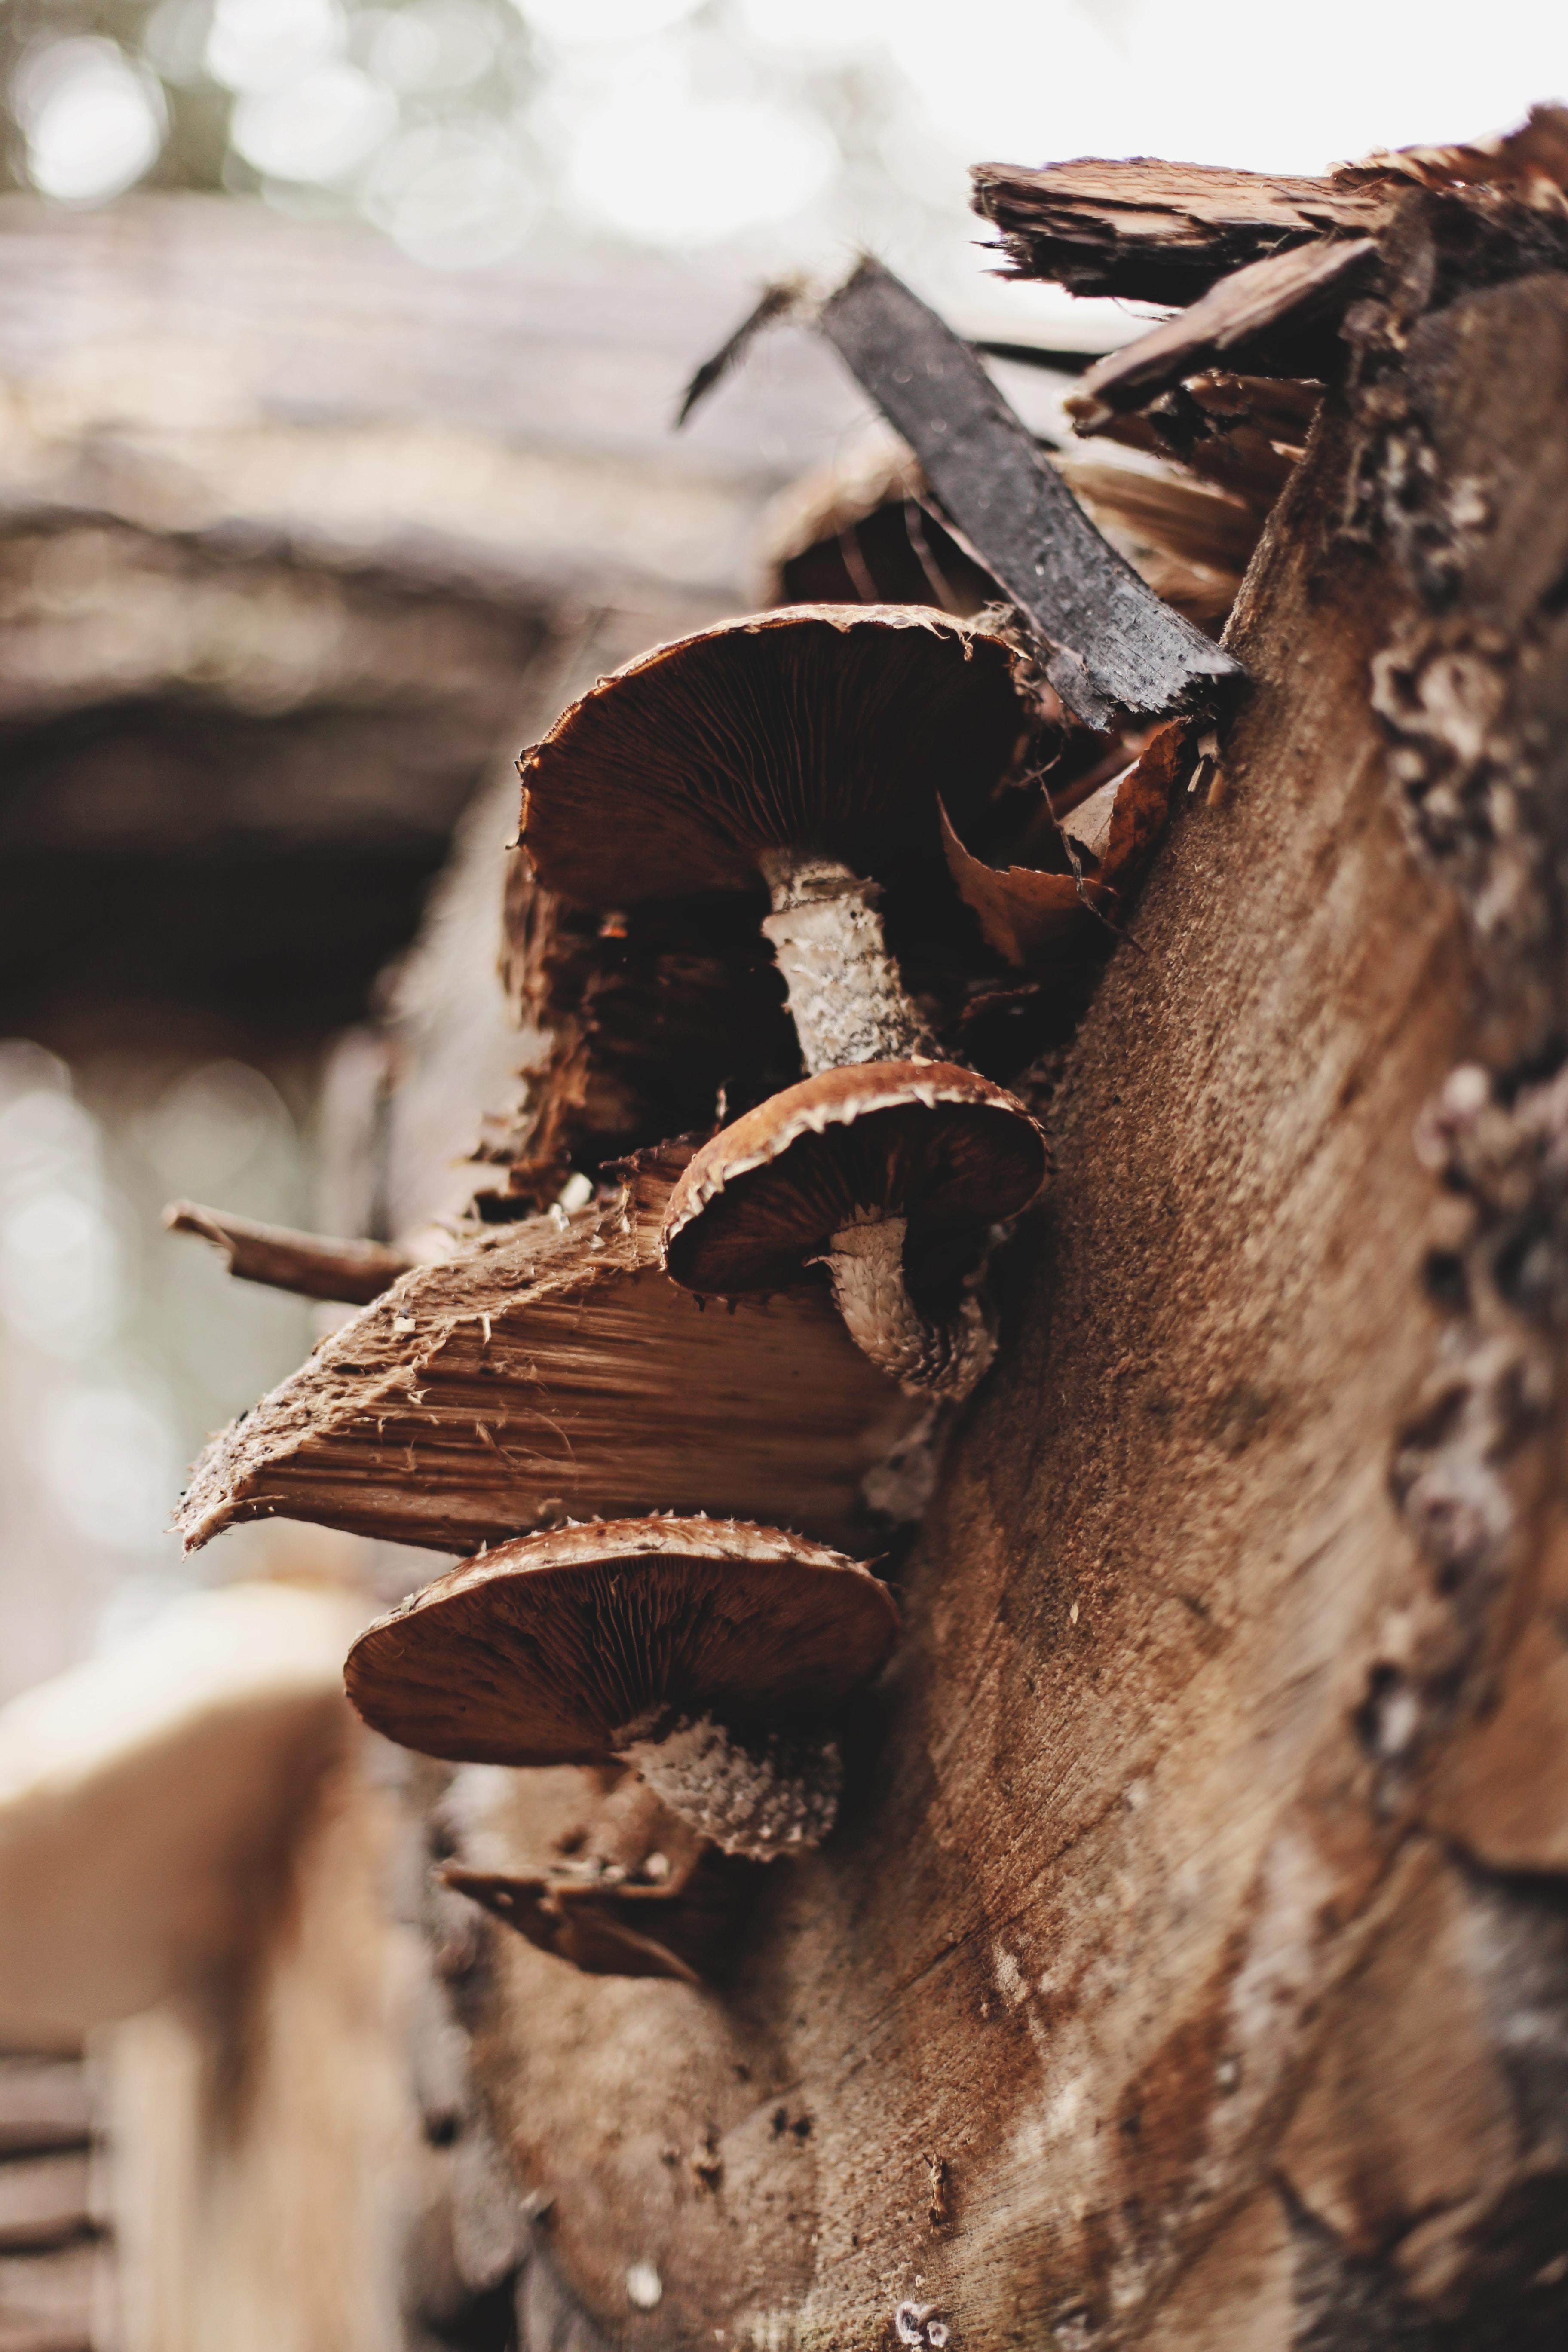 brown mushroom on tree